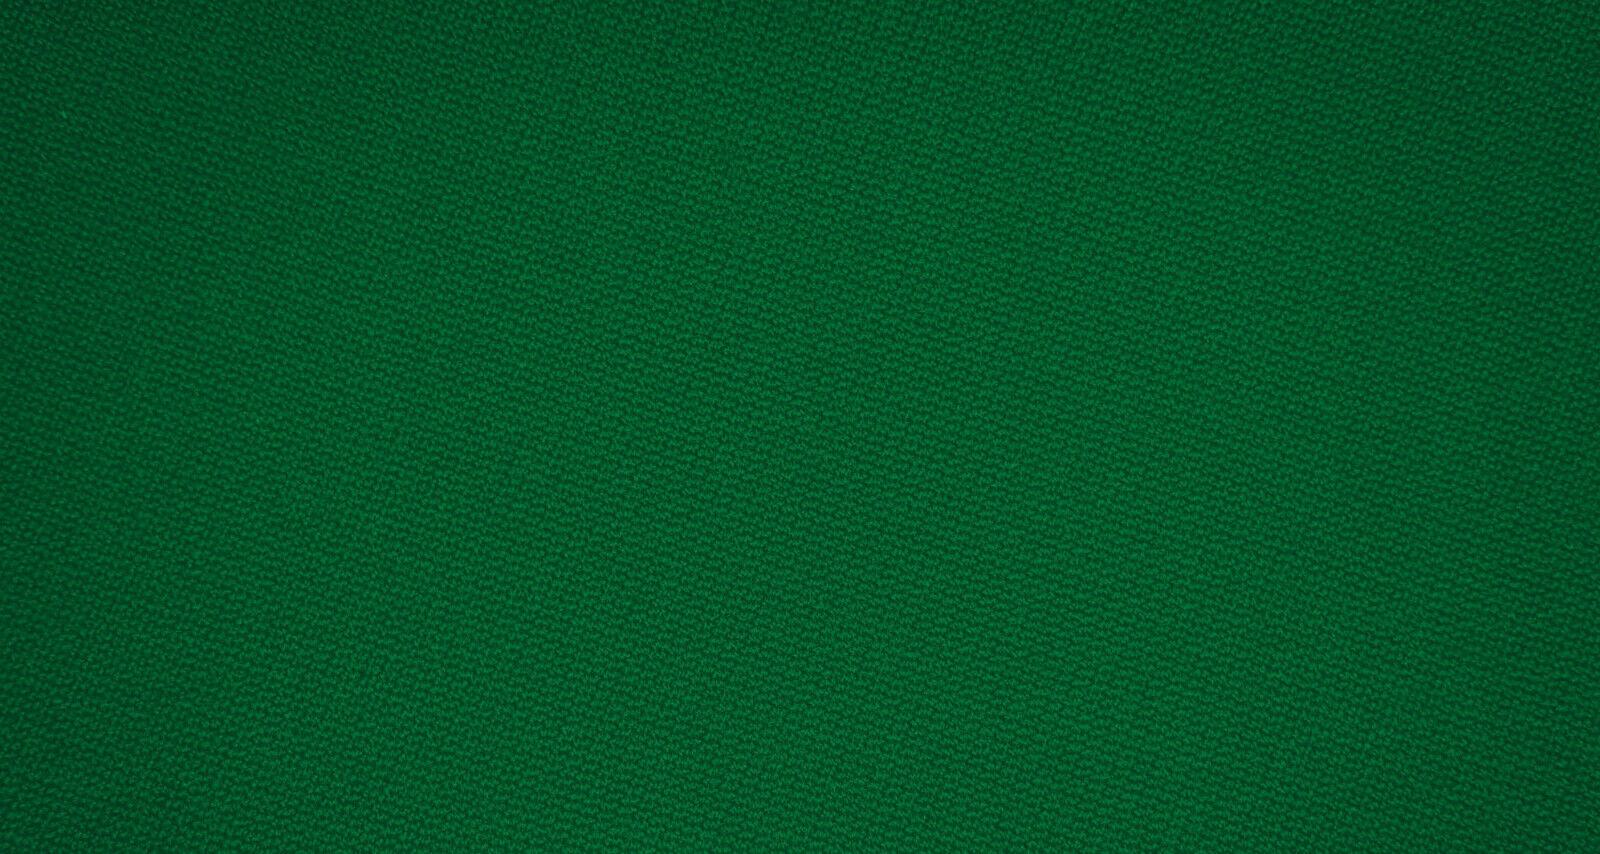 Pool Billard Tuch Billardtuch STANDARD 7 ft Billardtisch OHNE Banden gelb-grün